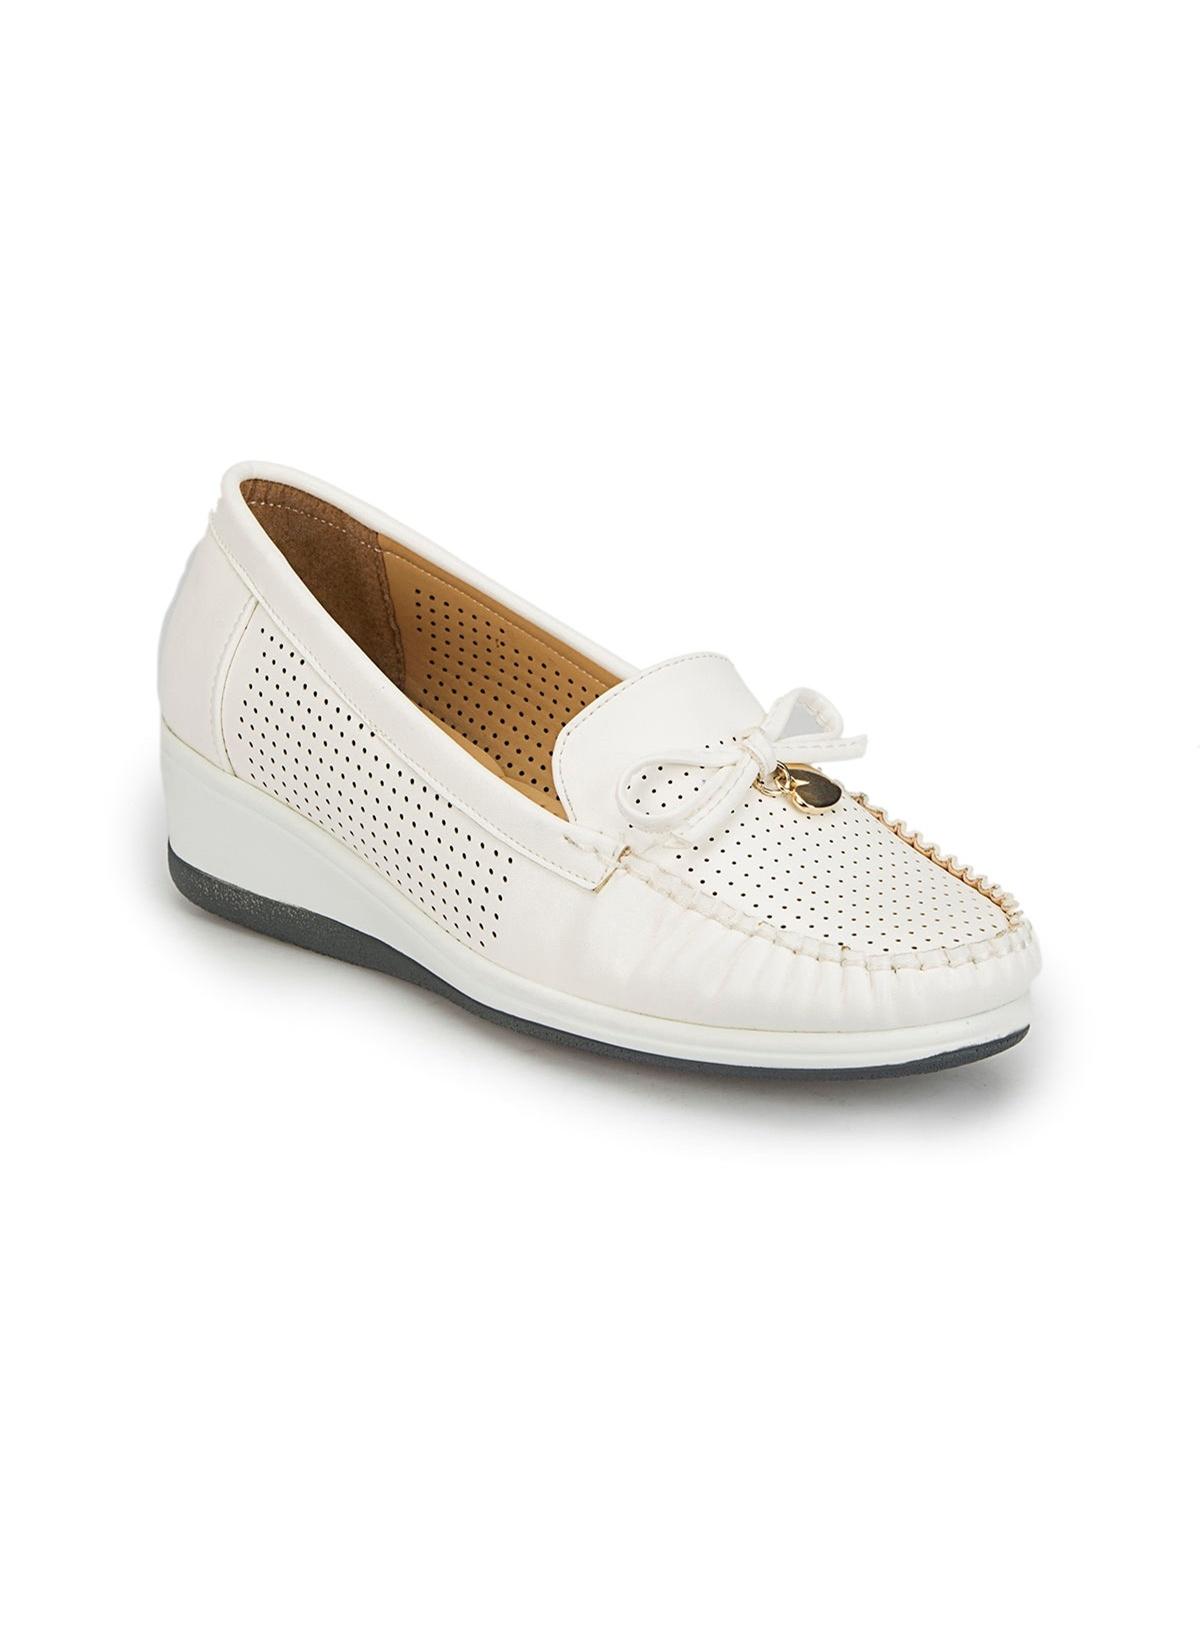 Polaris Ayakkabı 81.158445.z Basic Comfort – 47.0 TL